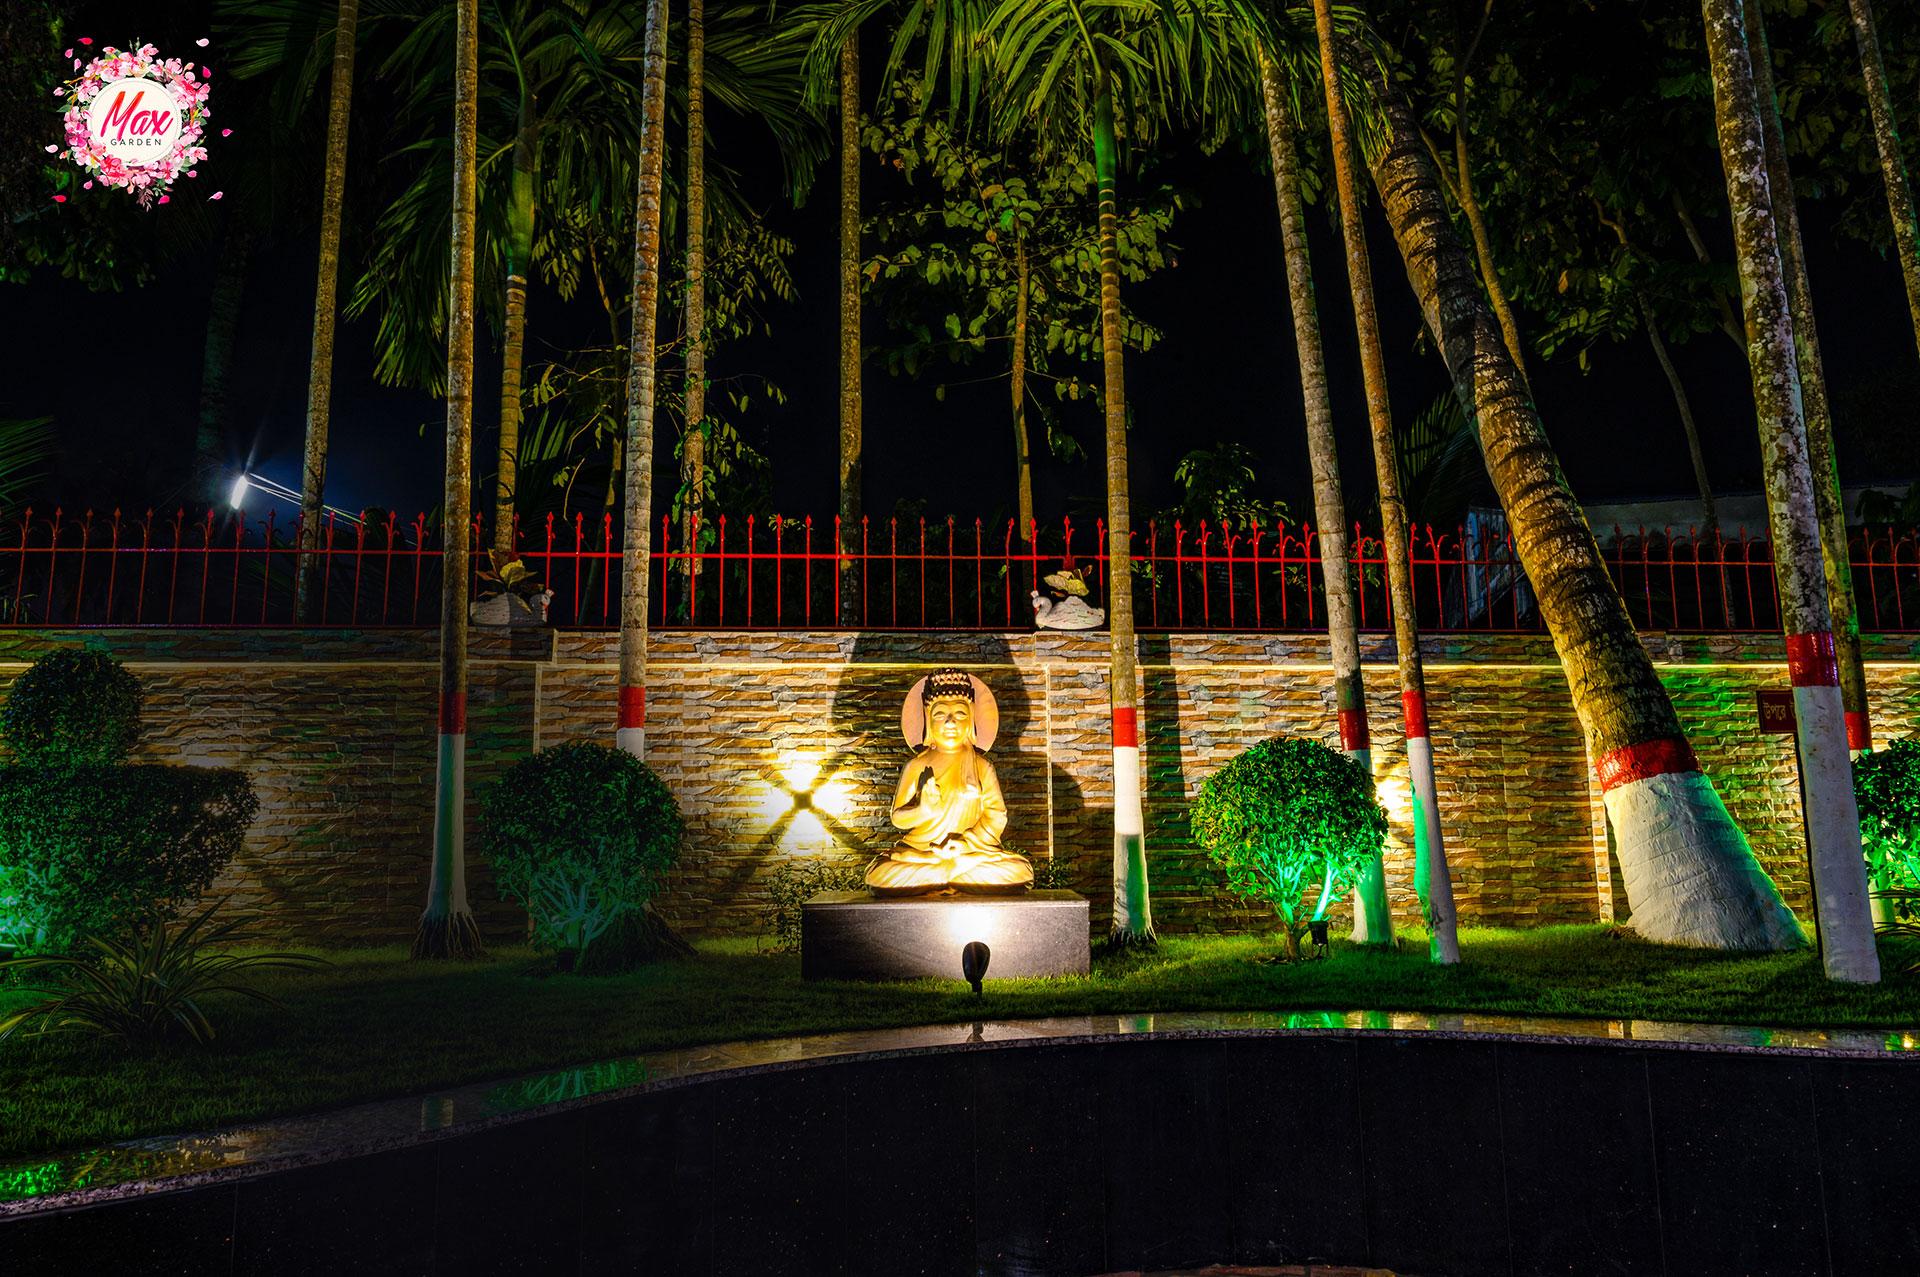 Max_garden_Picnic_Spot_at_Kolkata